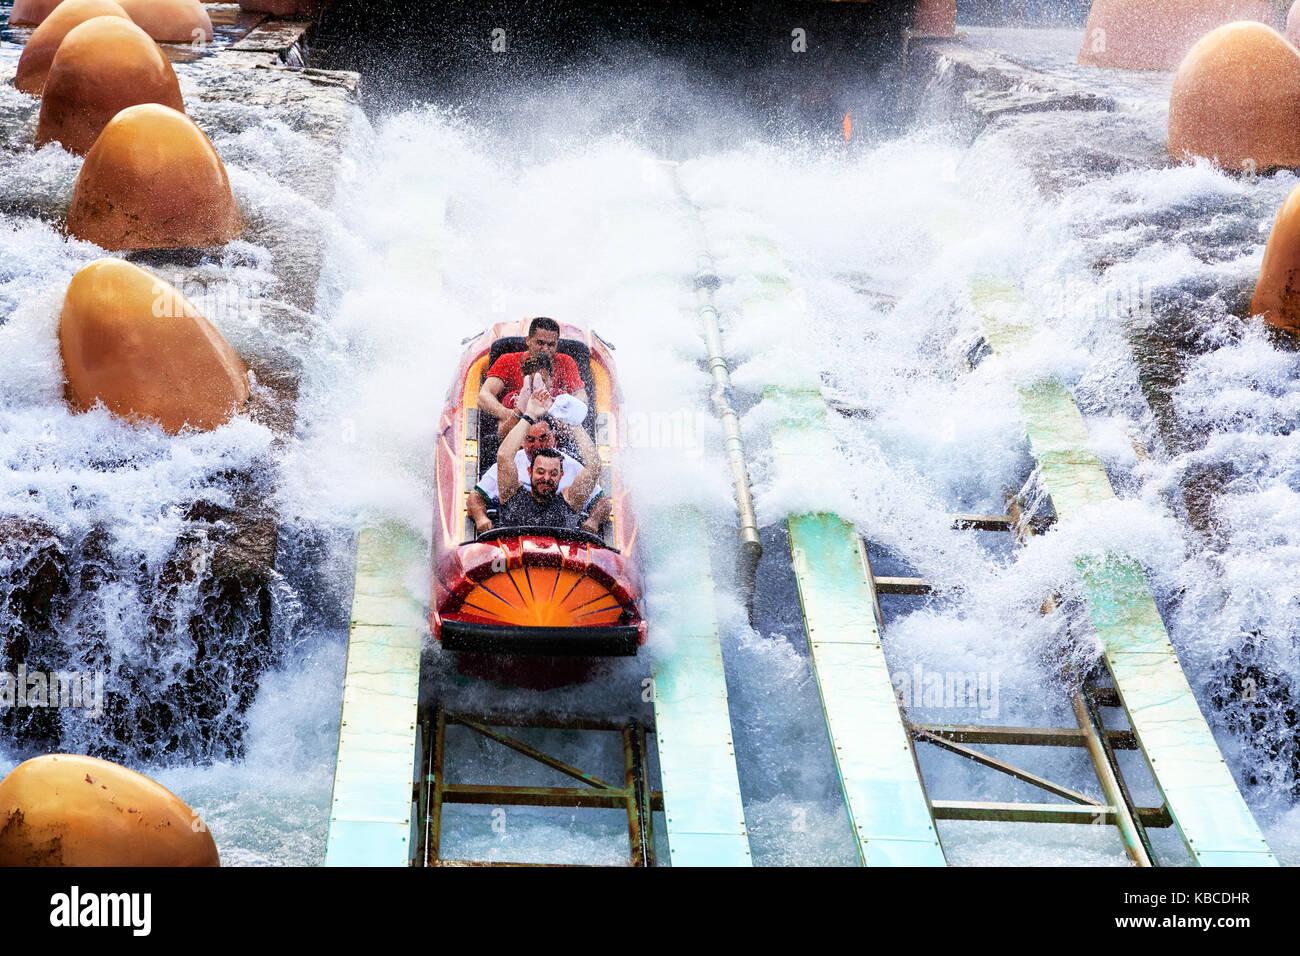 Turisti che si godono la Splash Mountain theme park ride, Universal Studios Orlando, Florida, Stati Uniti d'America Immagini Stock